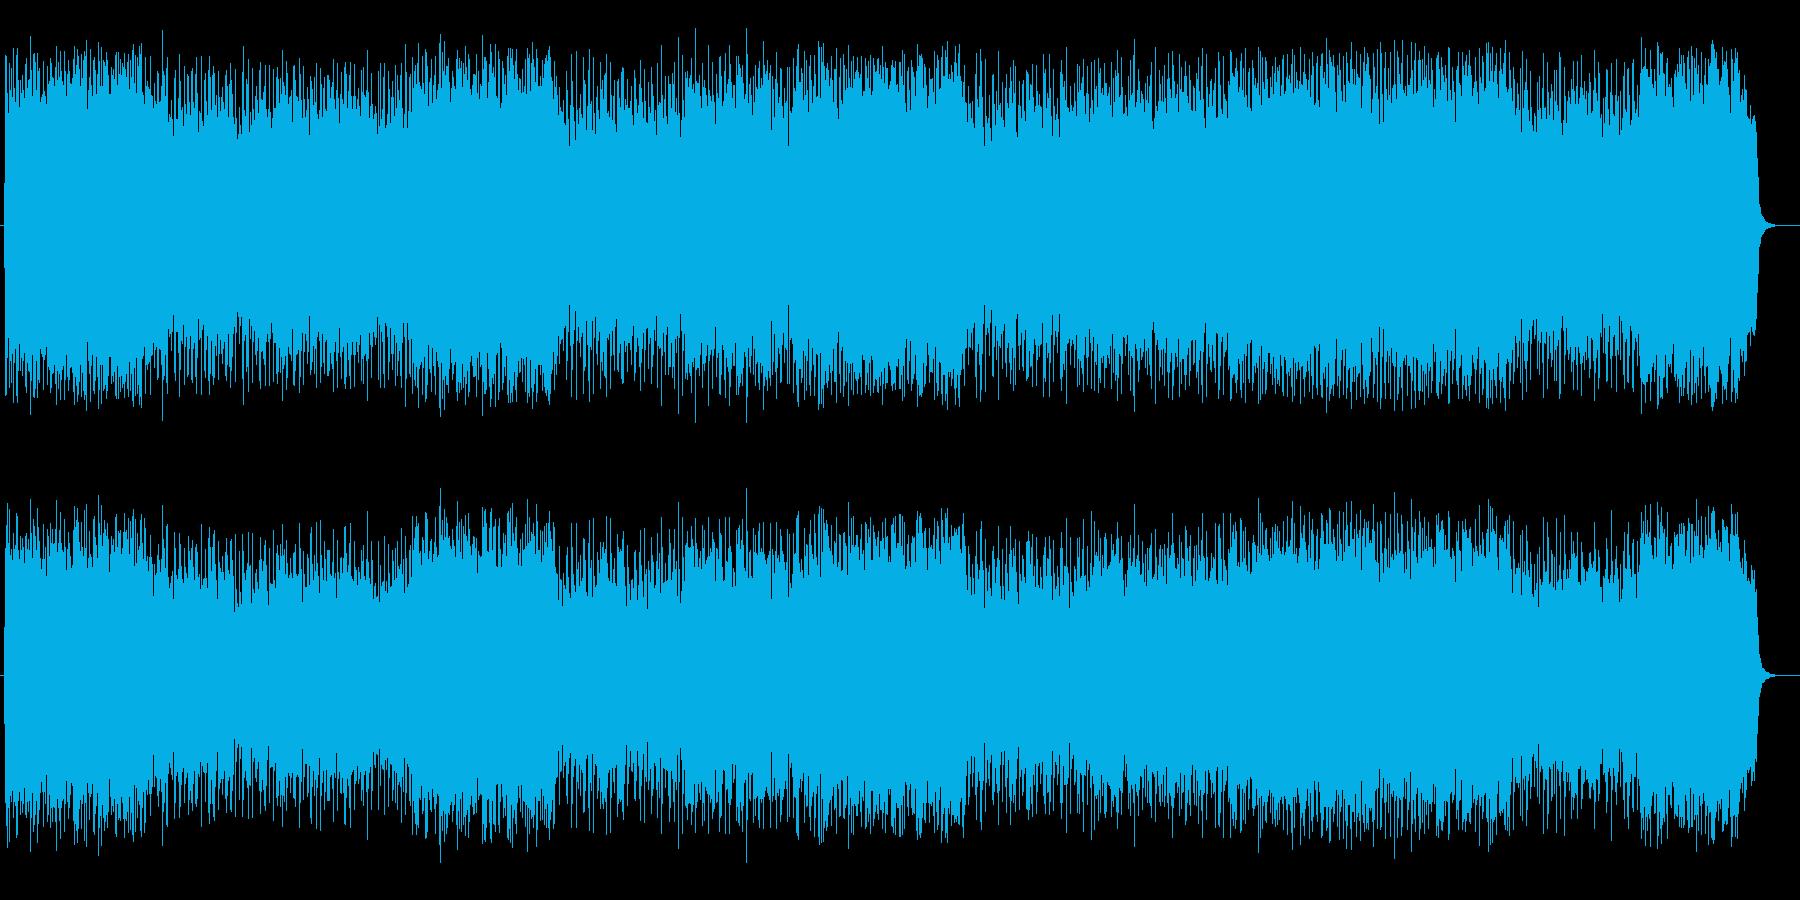 明るく楽しいシンセサイザーサウンドの再生済みの波形